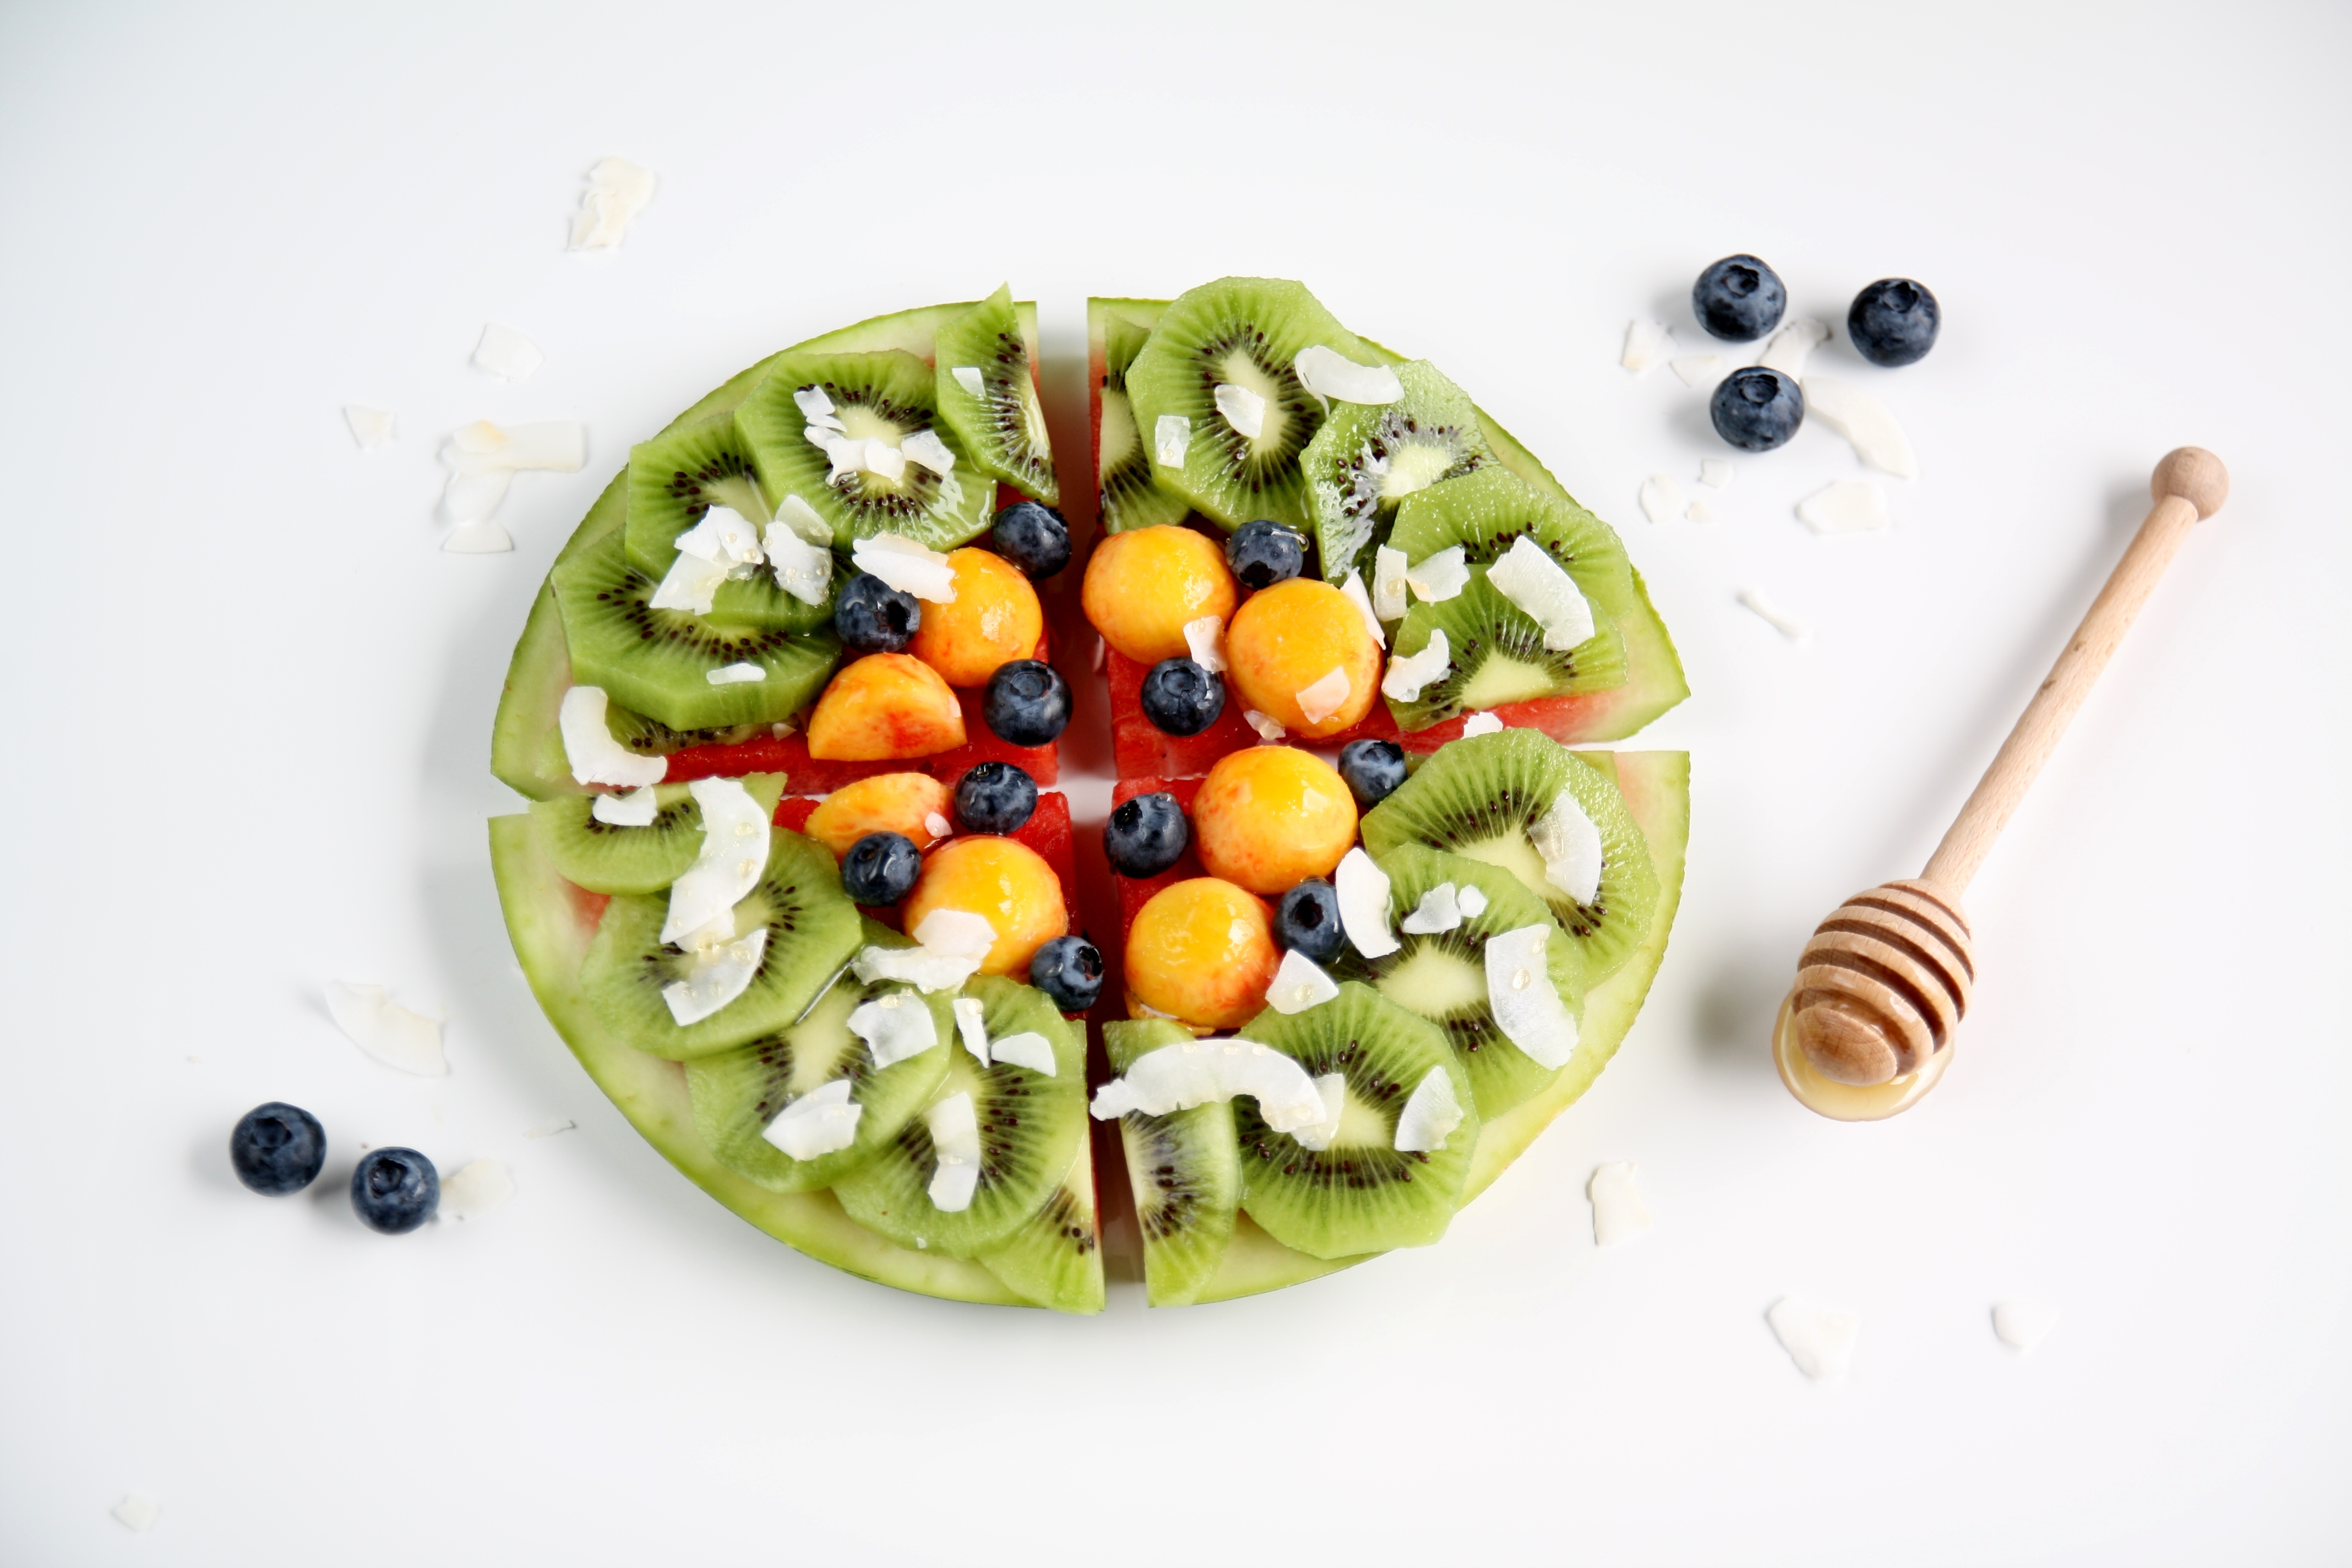 Torta di anguria con kiwi, nettarine e mirtilli